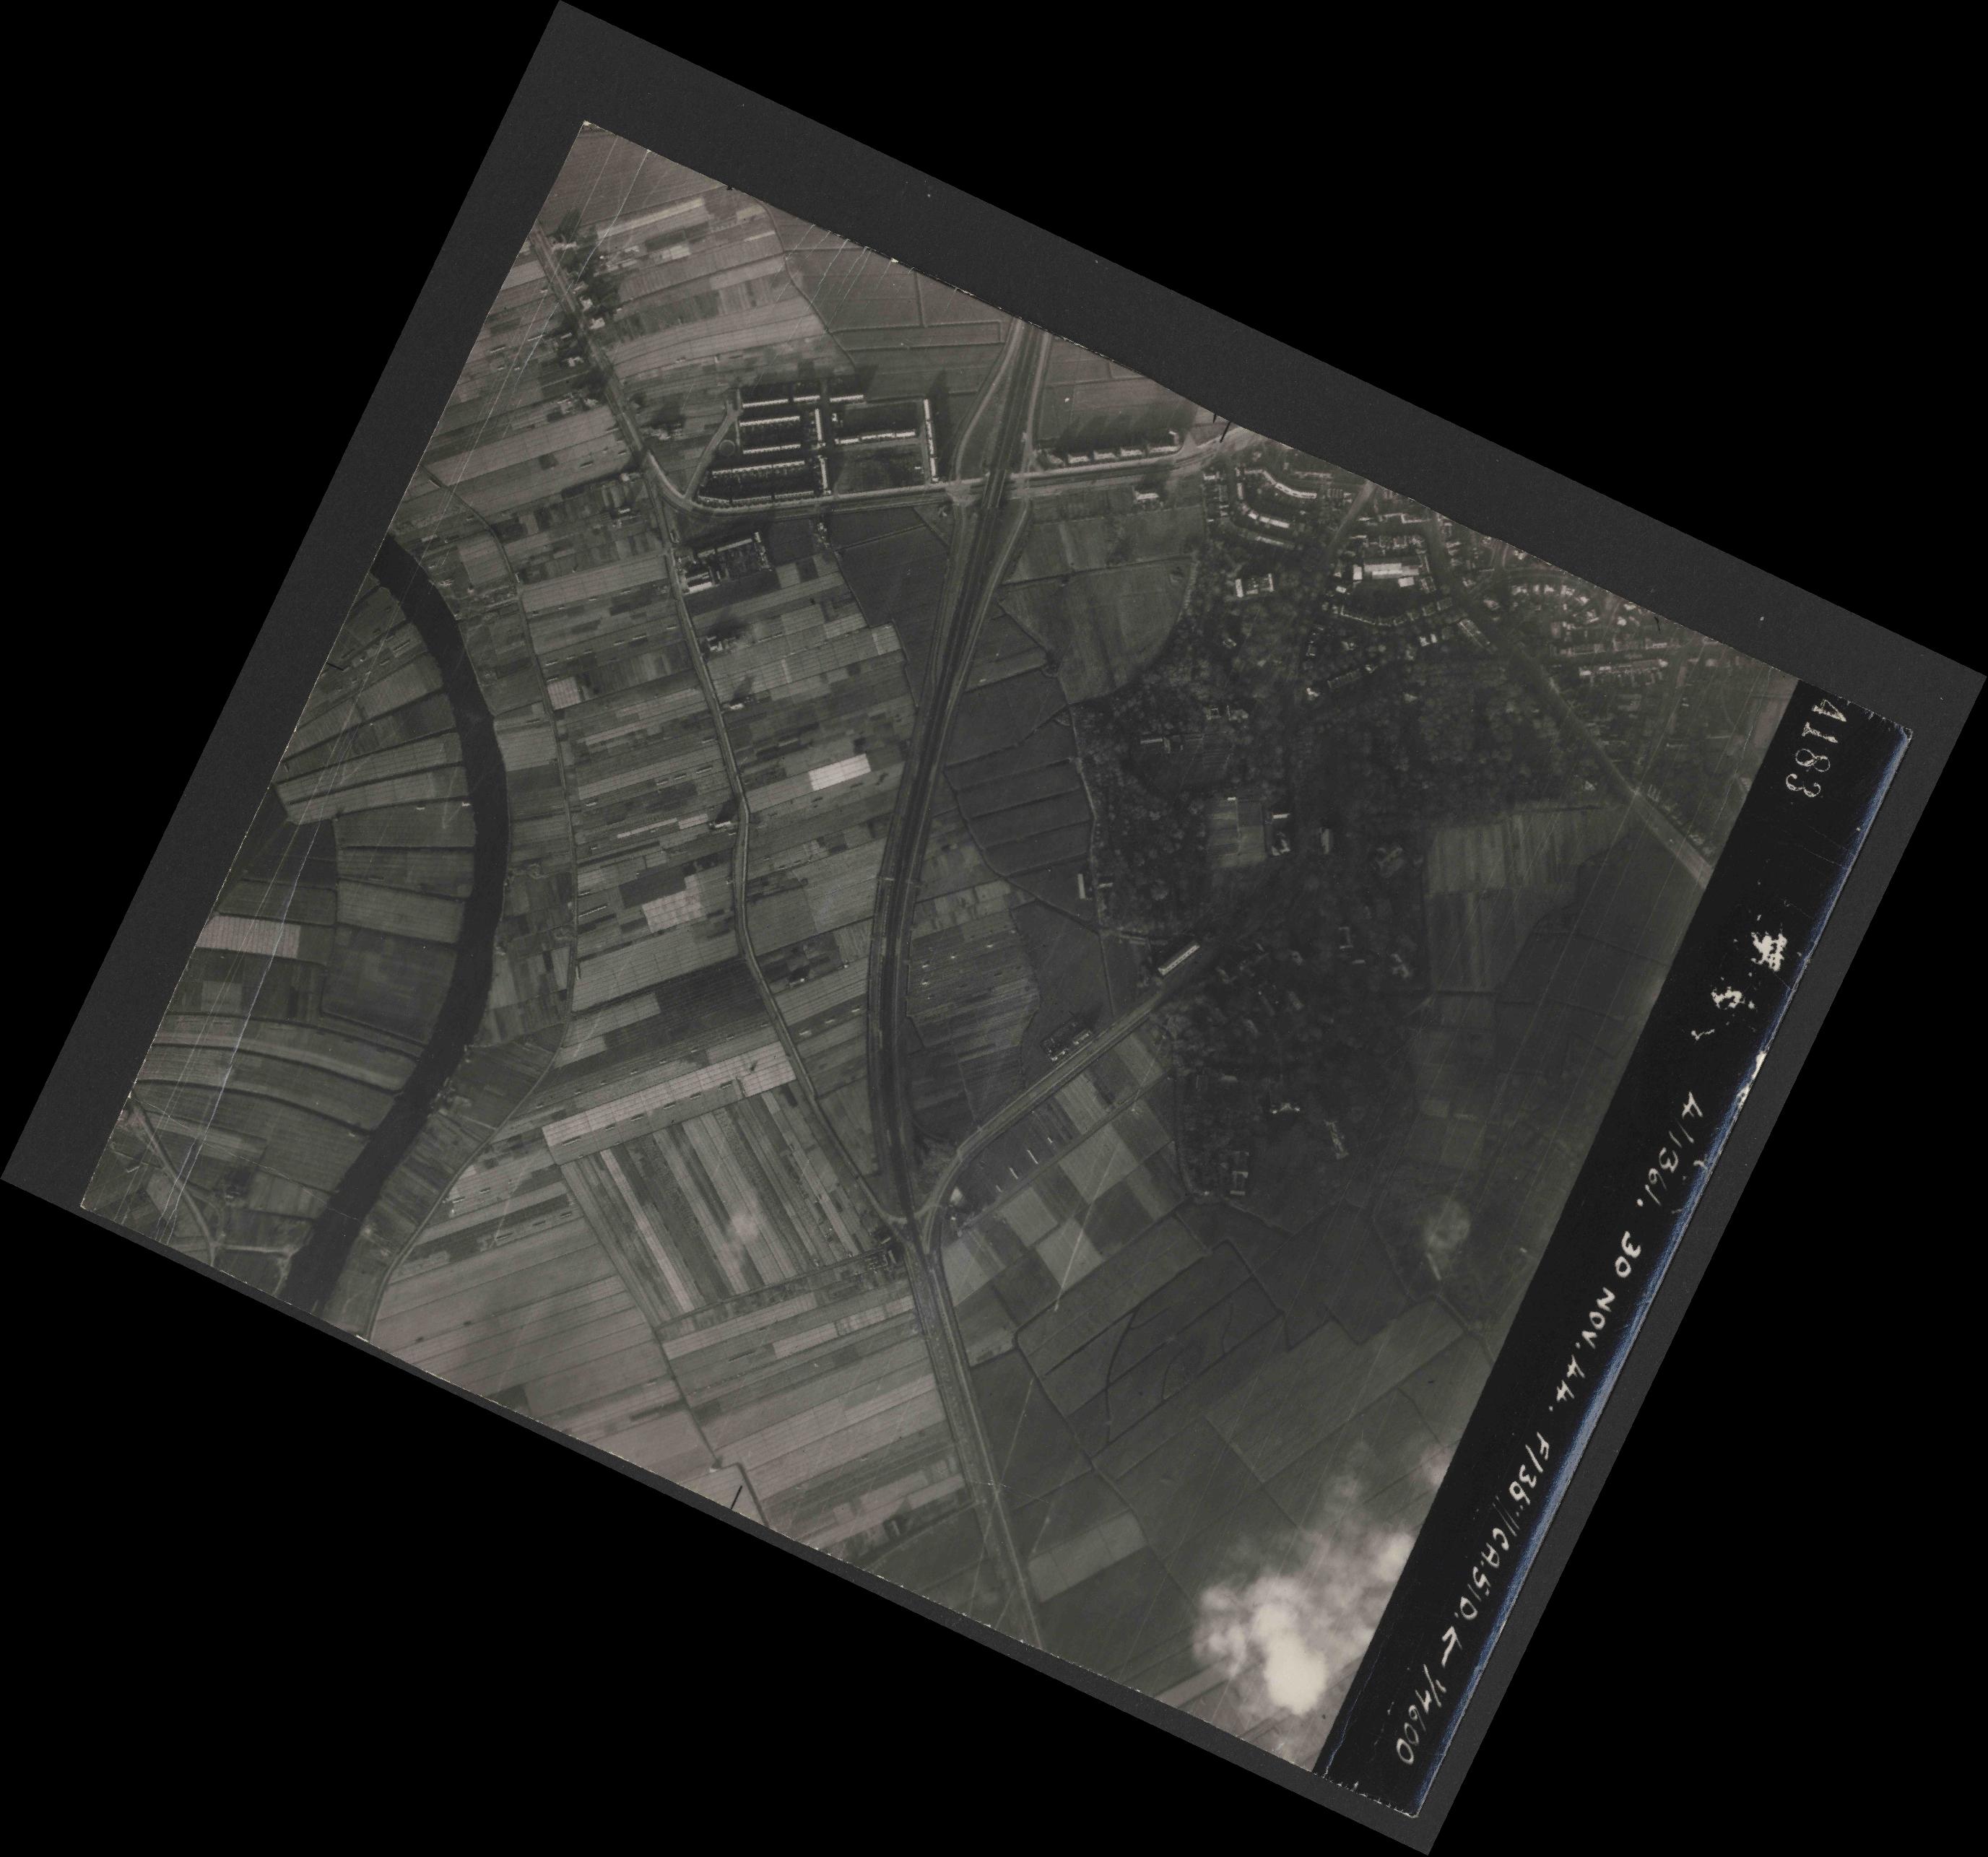 Collection RAF aerial photos 1940-1945 - flight 151, run 04, photo 4183